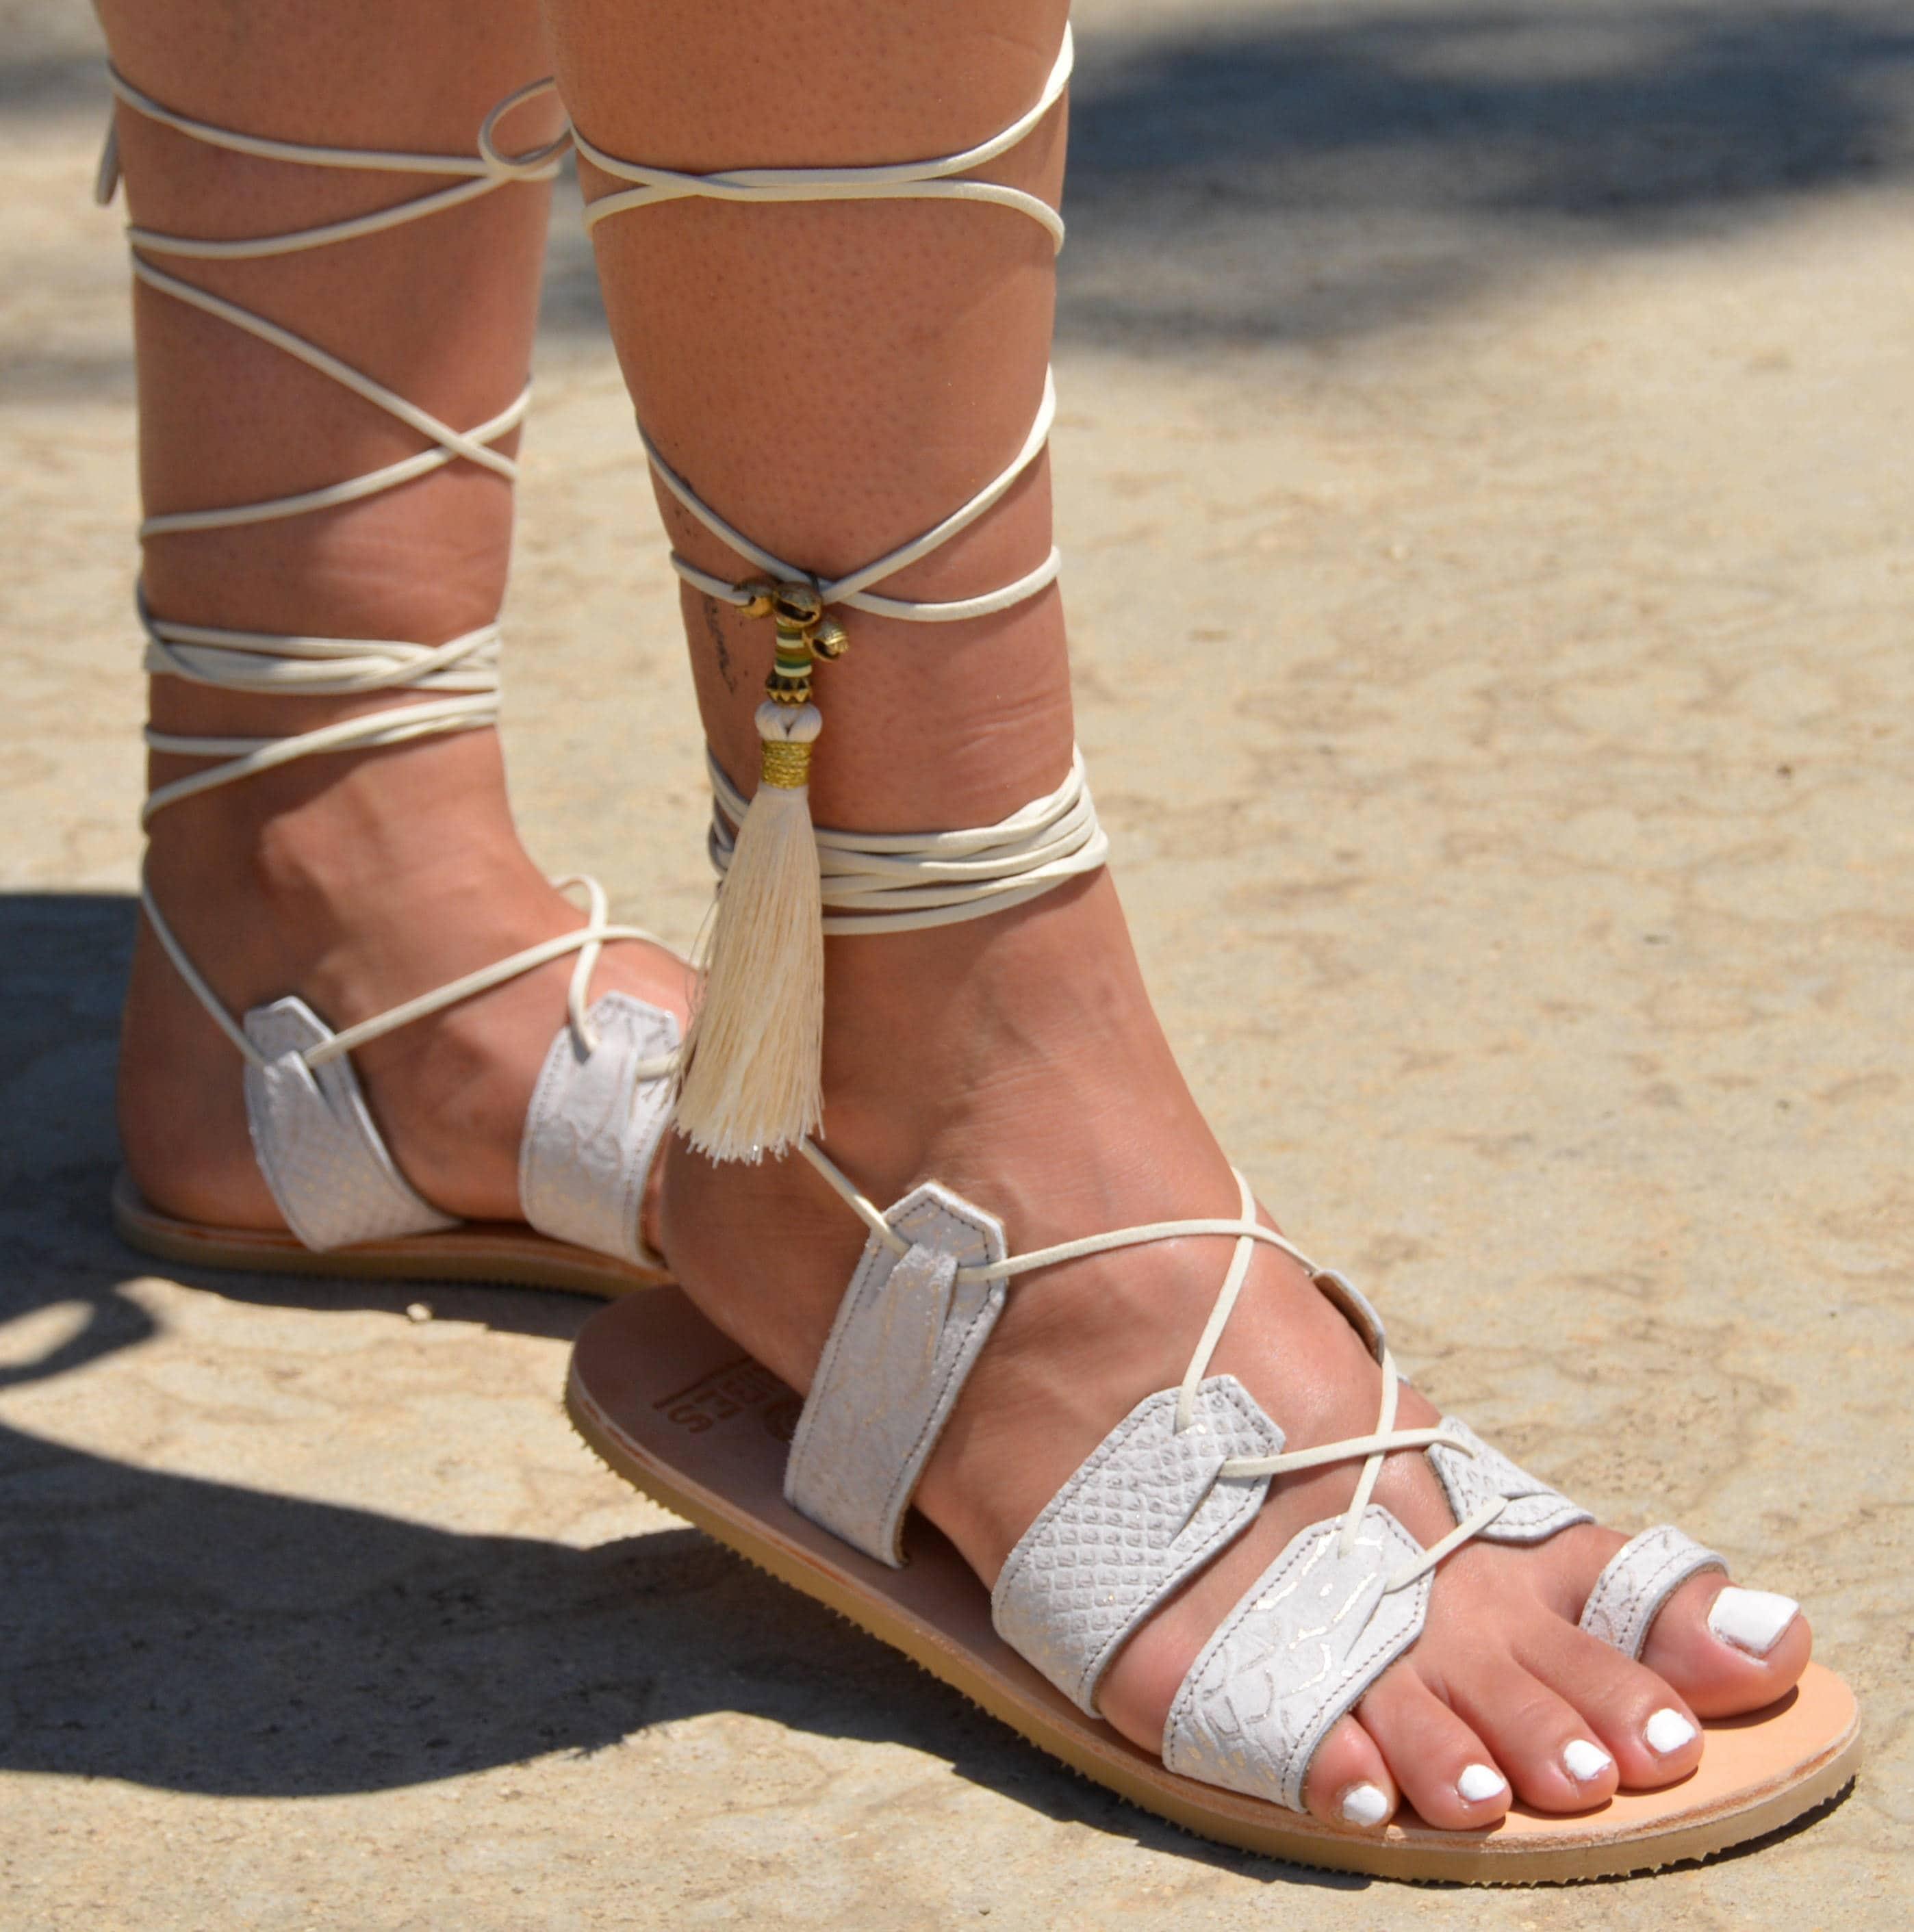 Bridal Shoes Boho: Wedding Sandals Wedding Shoes Boho Wedding Shoe Flat